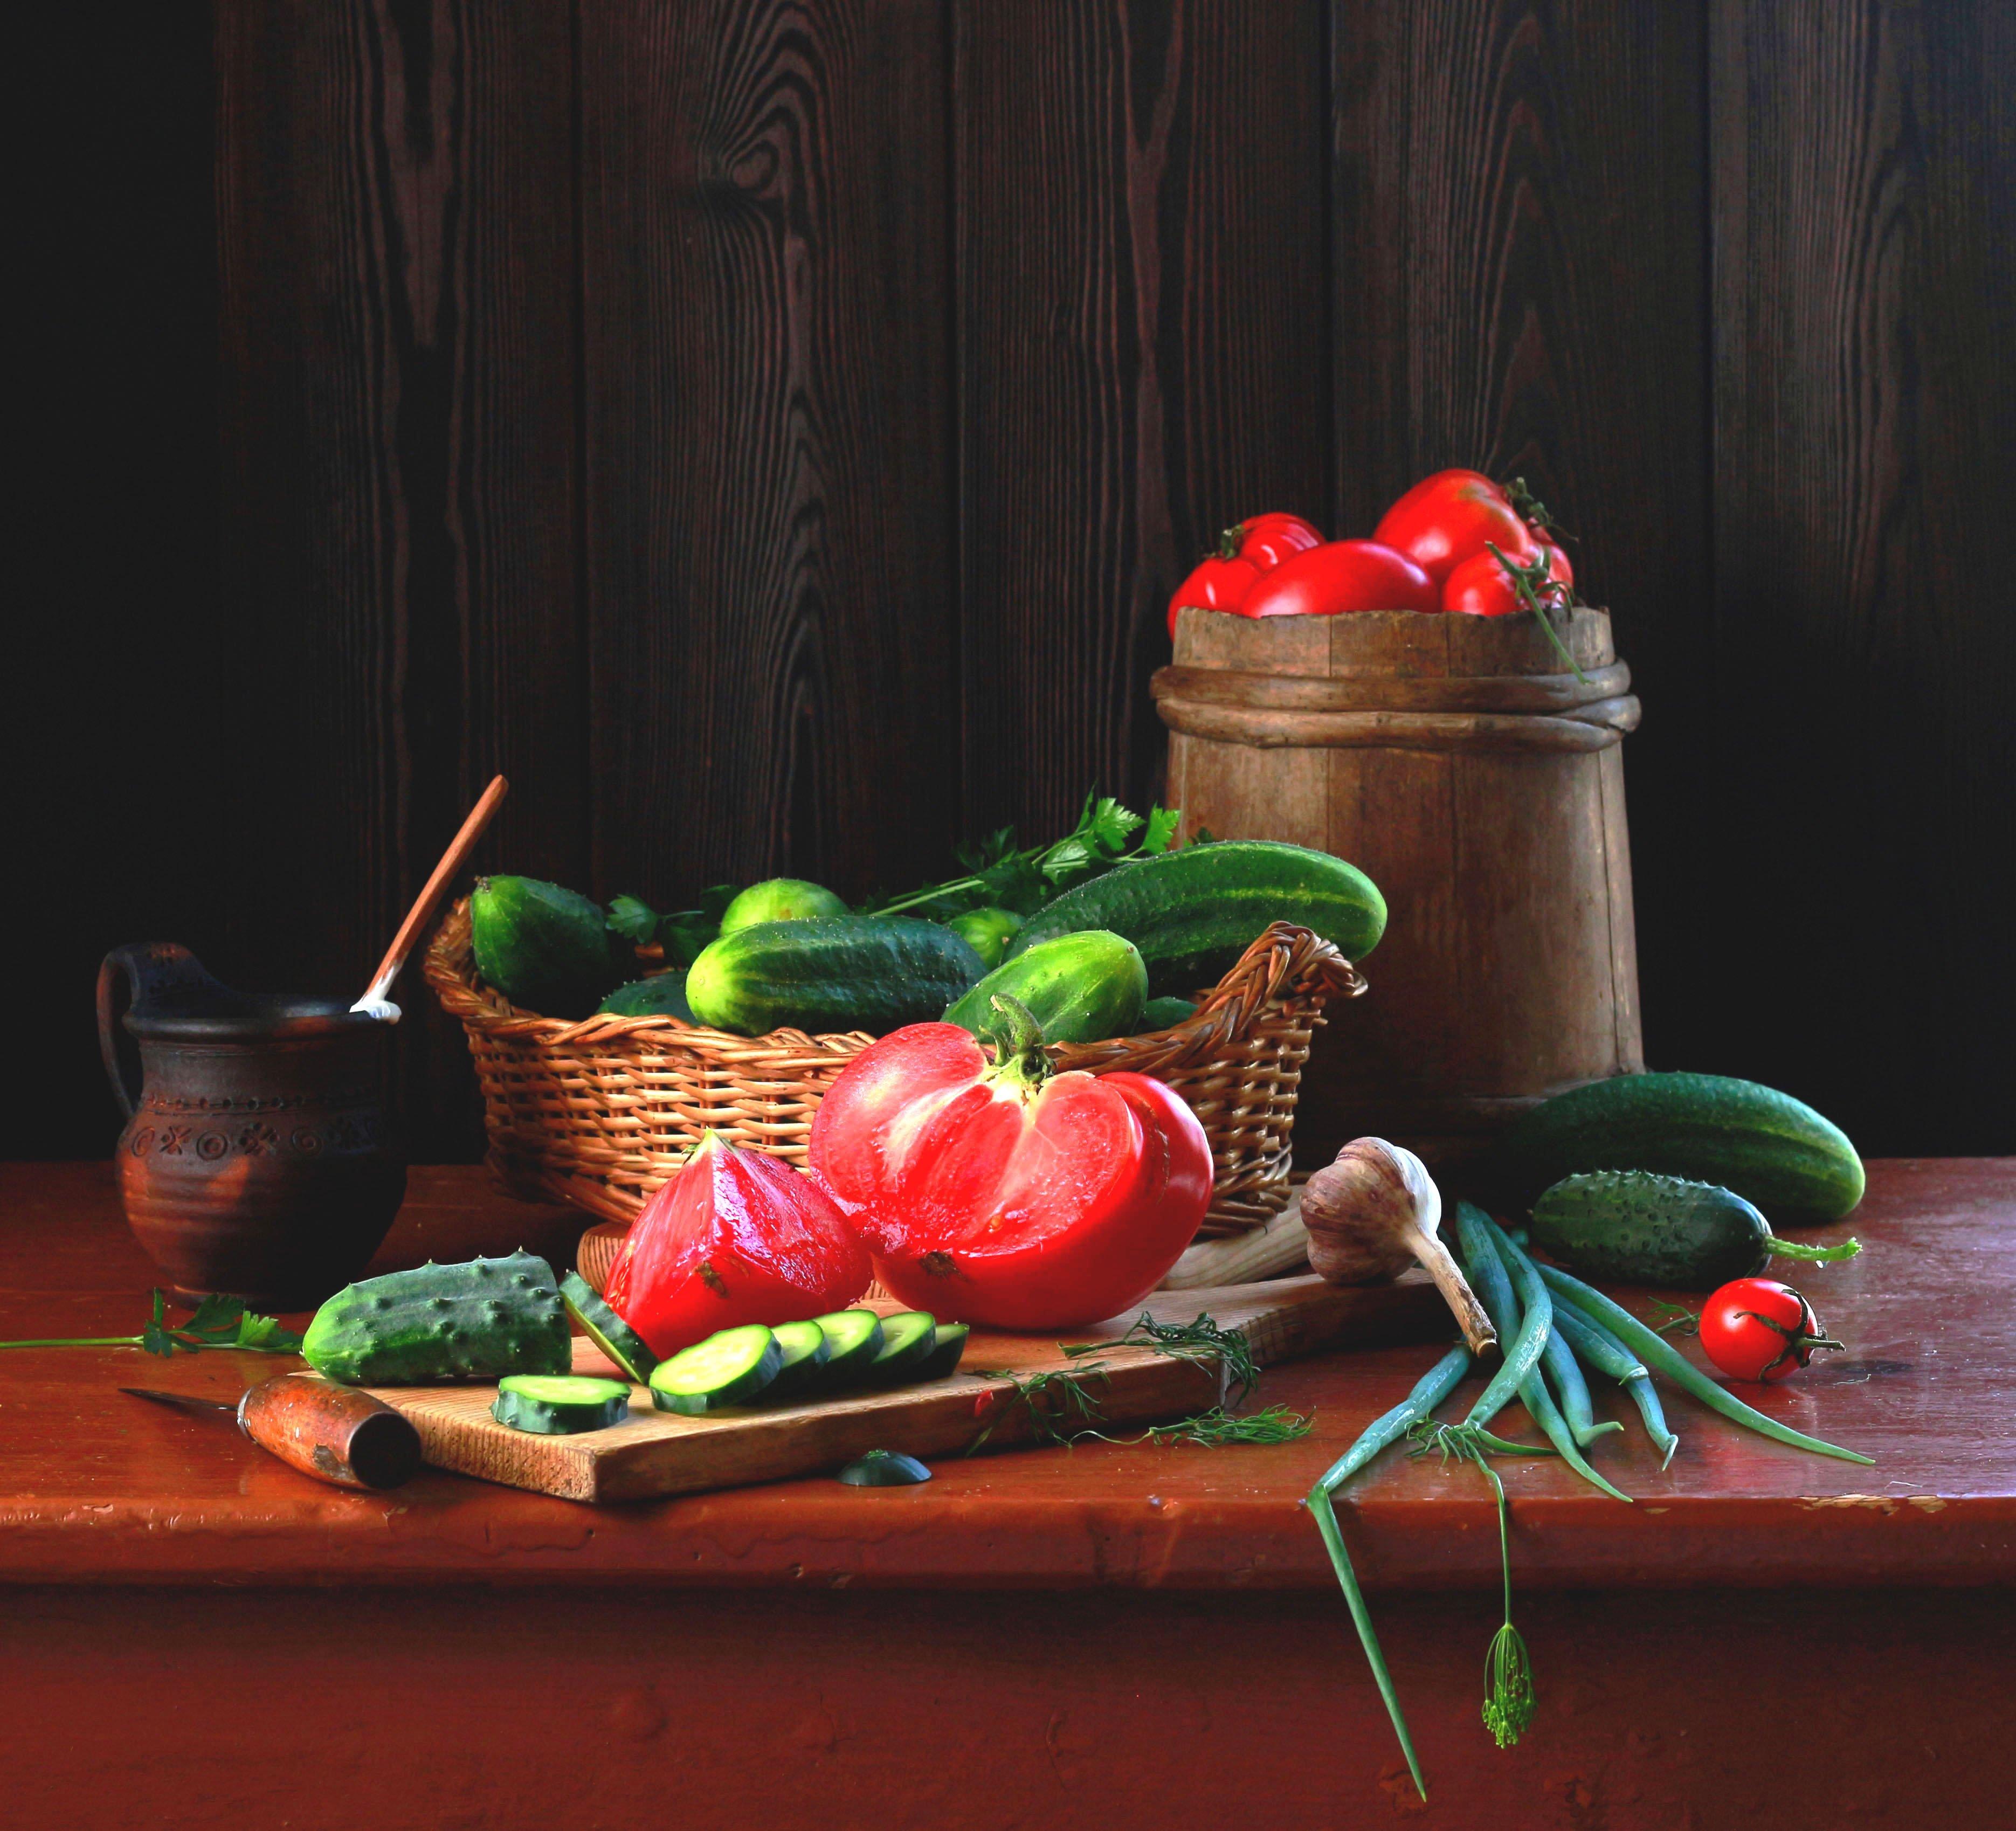 натюрморт, фотонатюрморт, лето, овощи, помидоры, огурцы, наталья казанцева, Казанцева Наталья